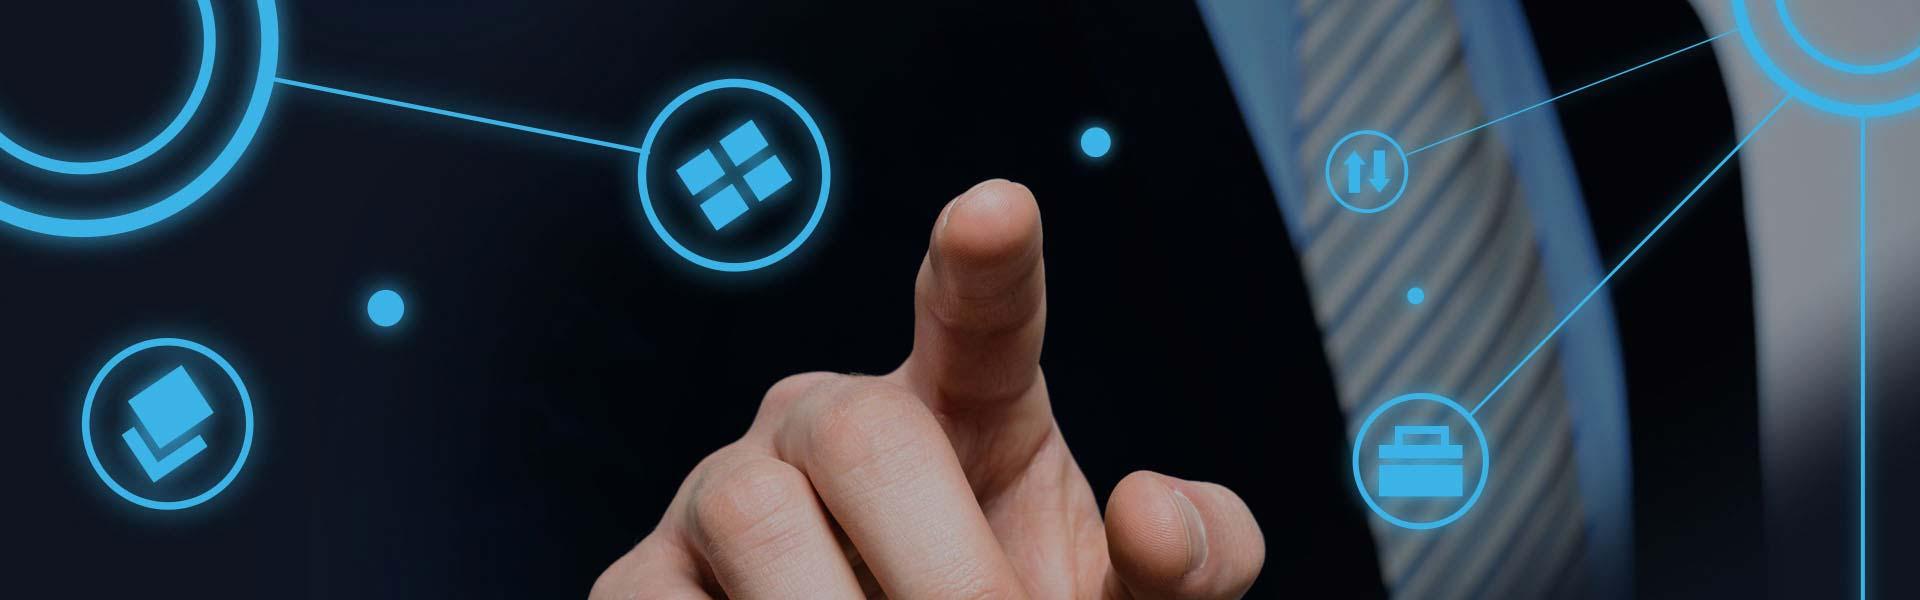 نظرة على برنامج Transcend SSD Scope ، مفتاحك للتحكم في وحدة التخزين